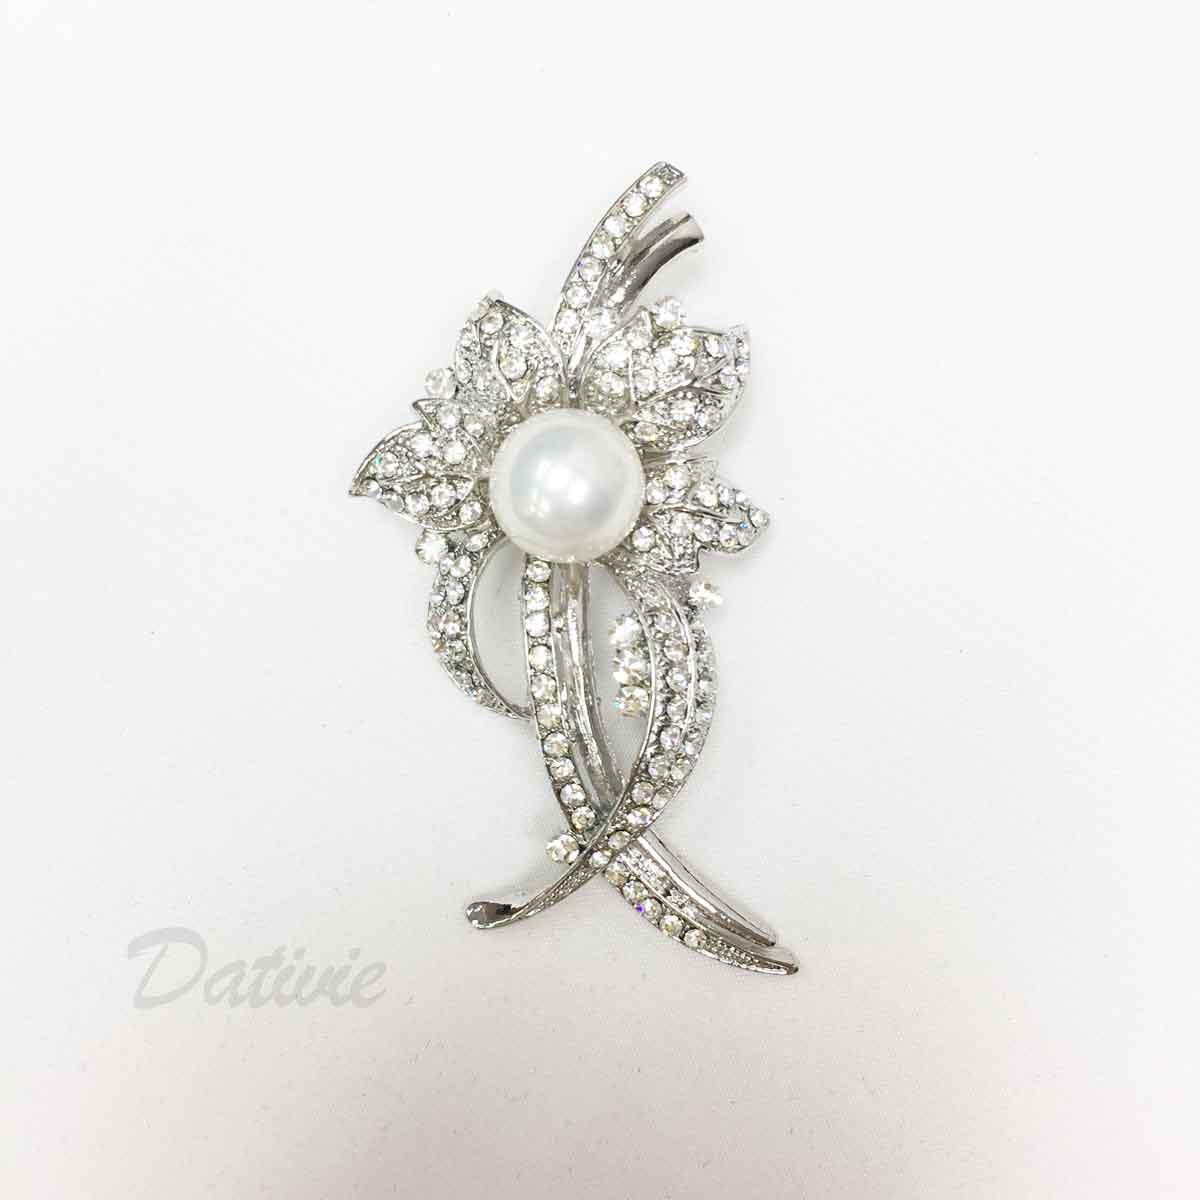 珍珠 葉片 葉子 水鑽 優美線條 造型 單個 胸針